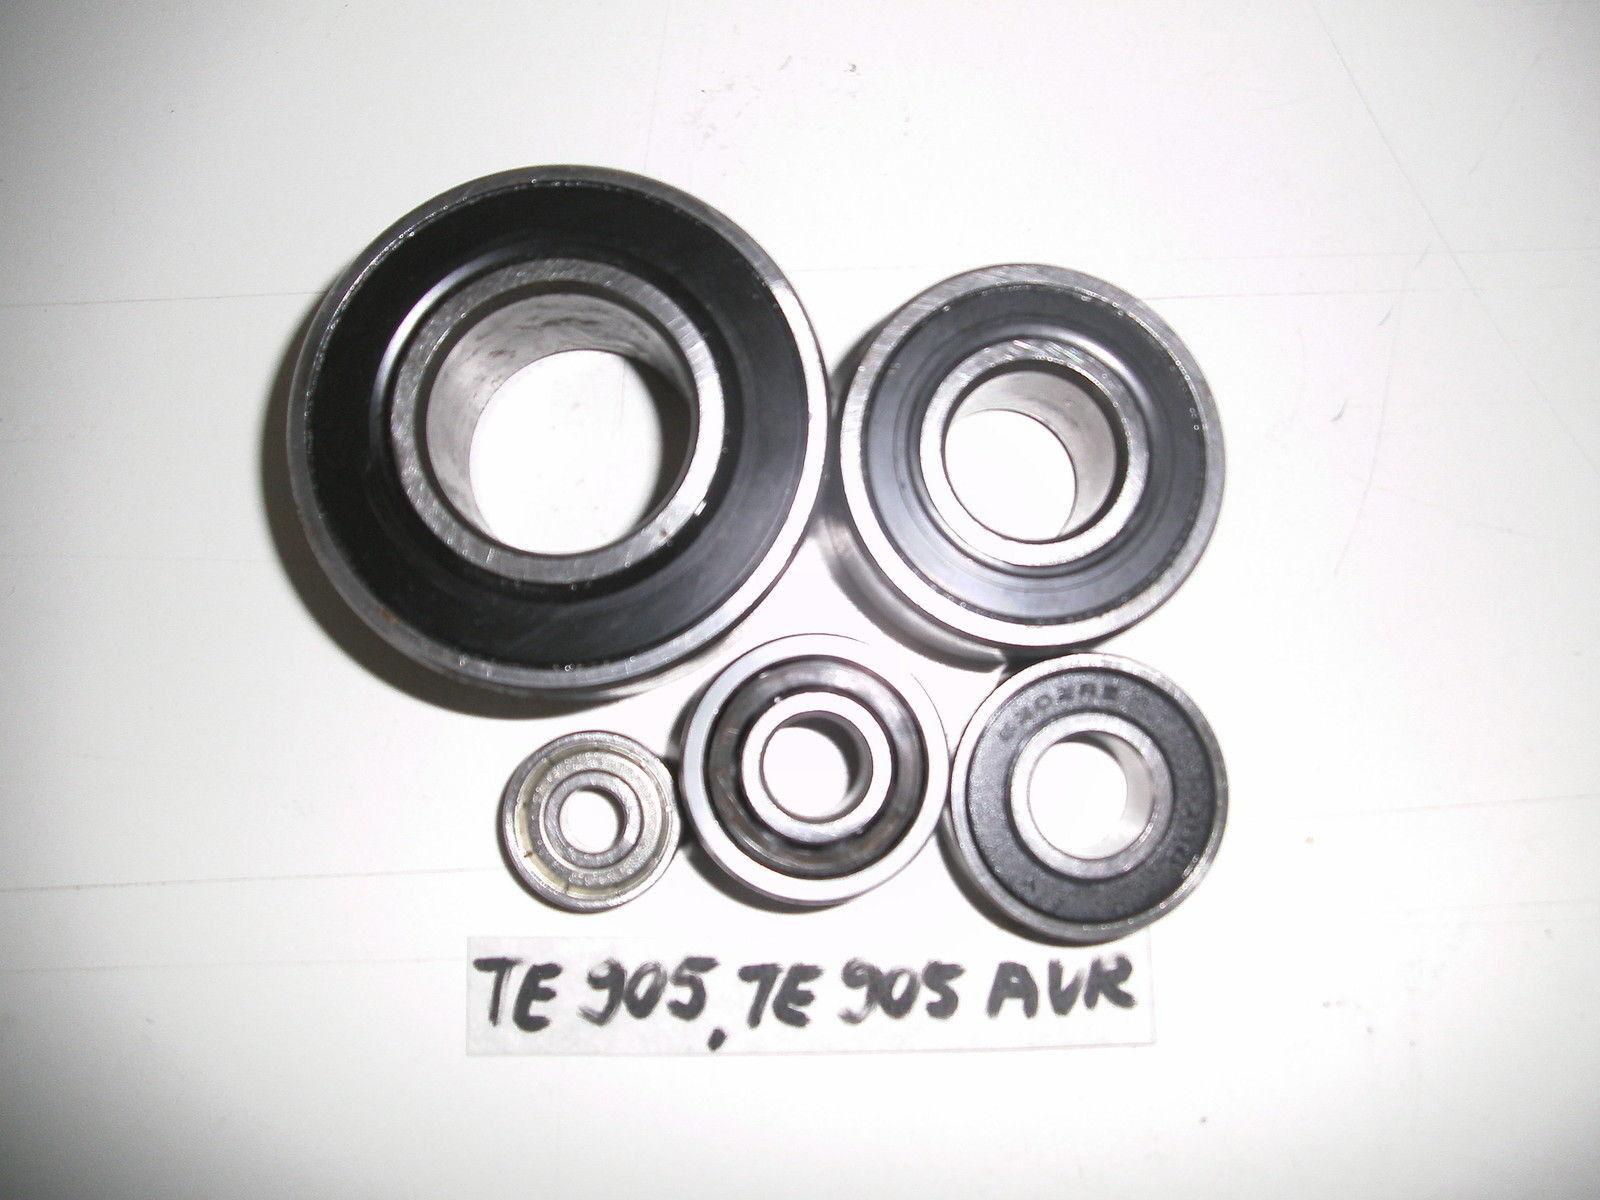 Hilti TE 905, TE 905 AVR Kugellagersatz für Rotor und Getriebe